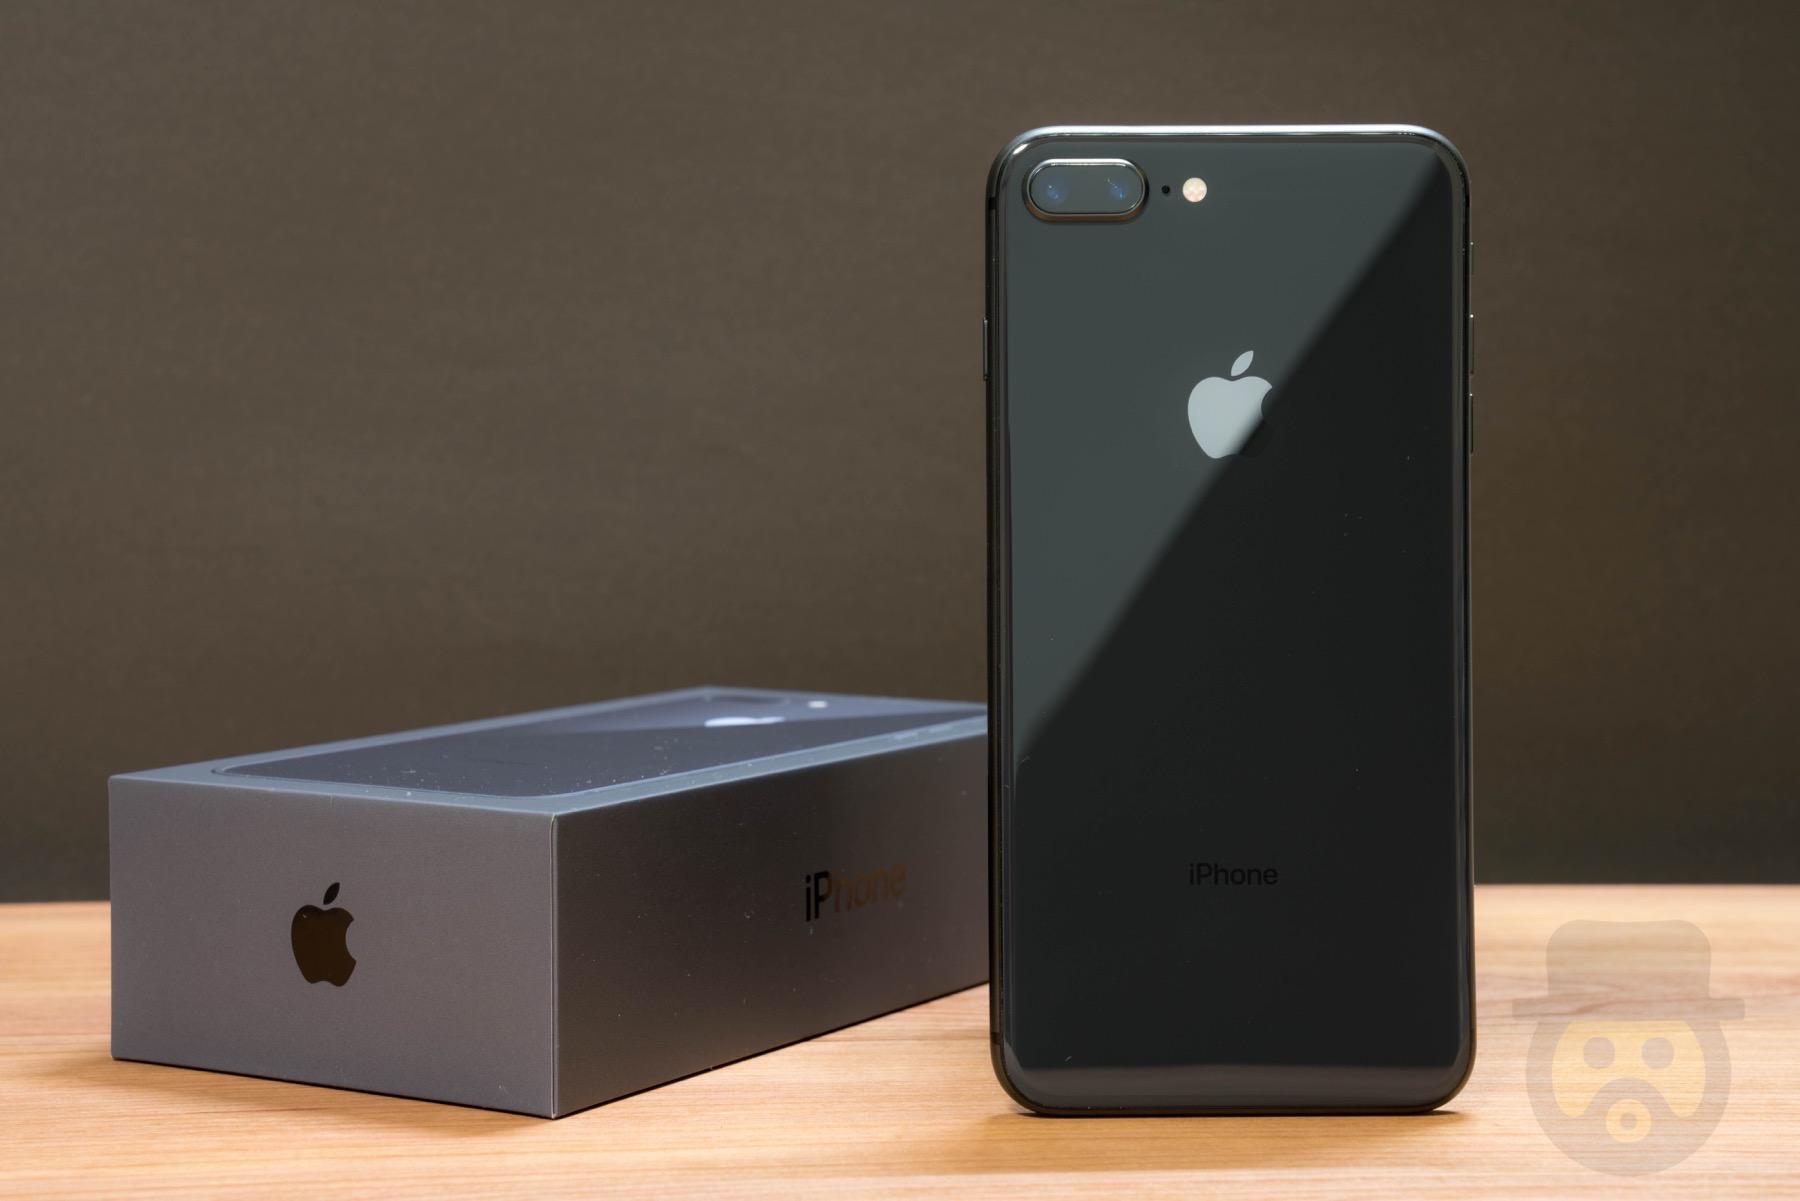 一部の「iPhone 8/8 Plus」で起こる通話ノイズ問題にまさかの該当!プチプチ音がハンパじゃない件